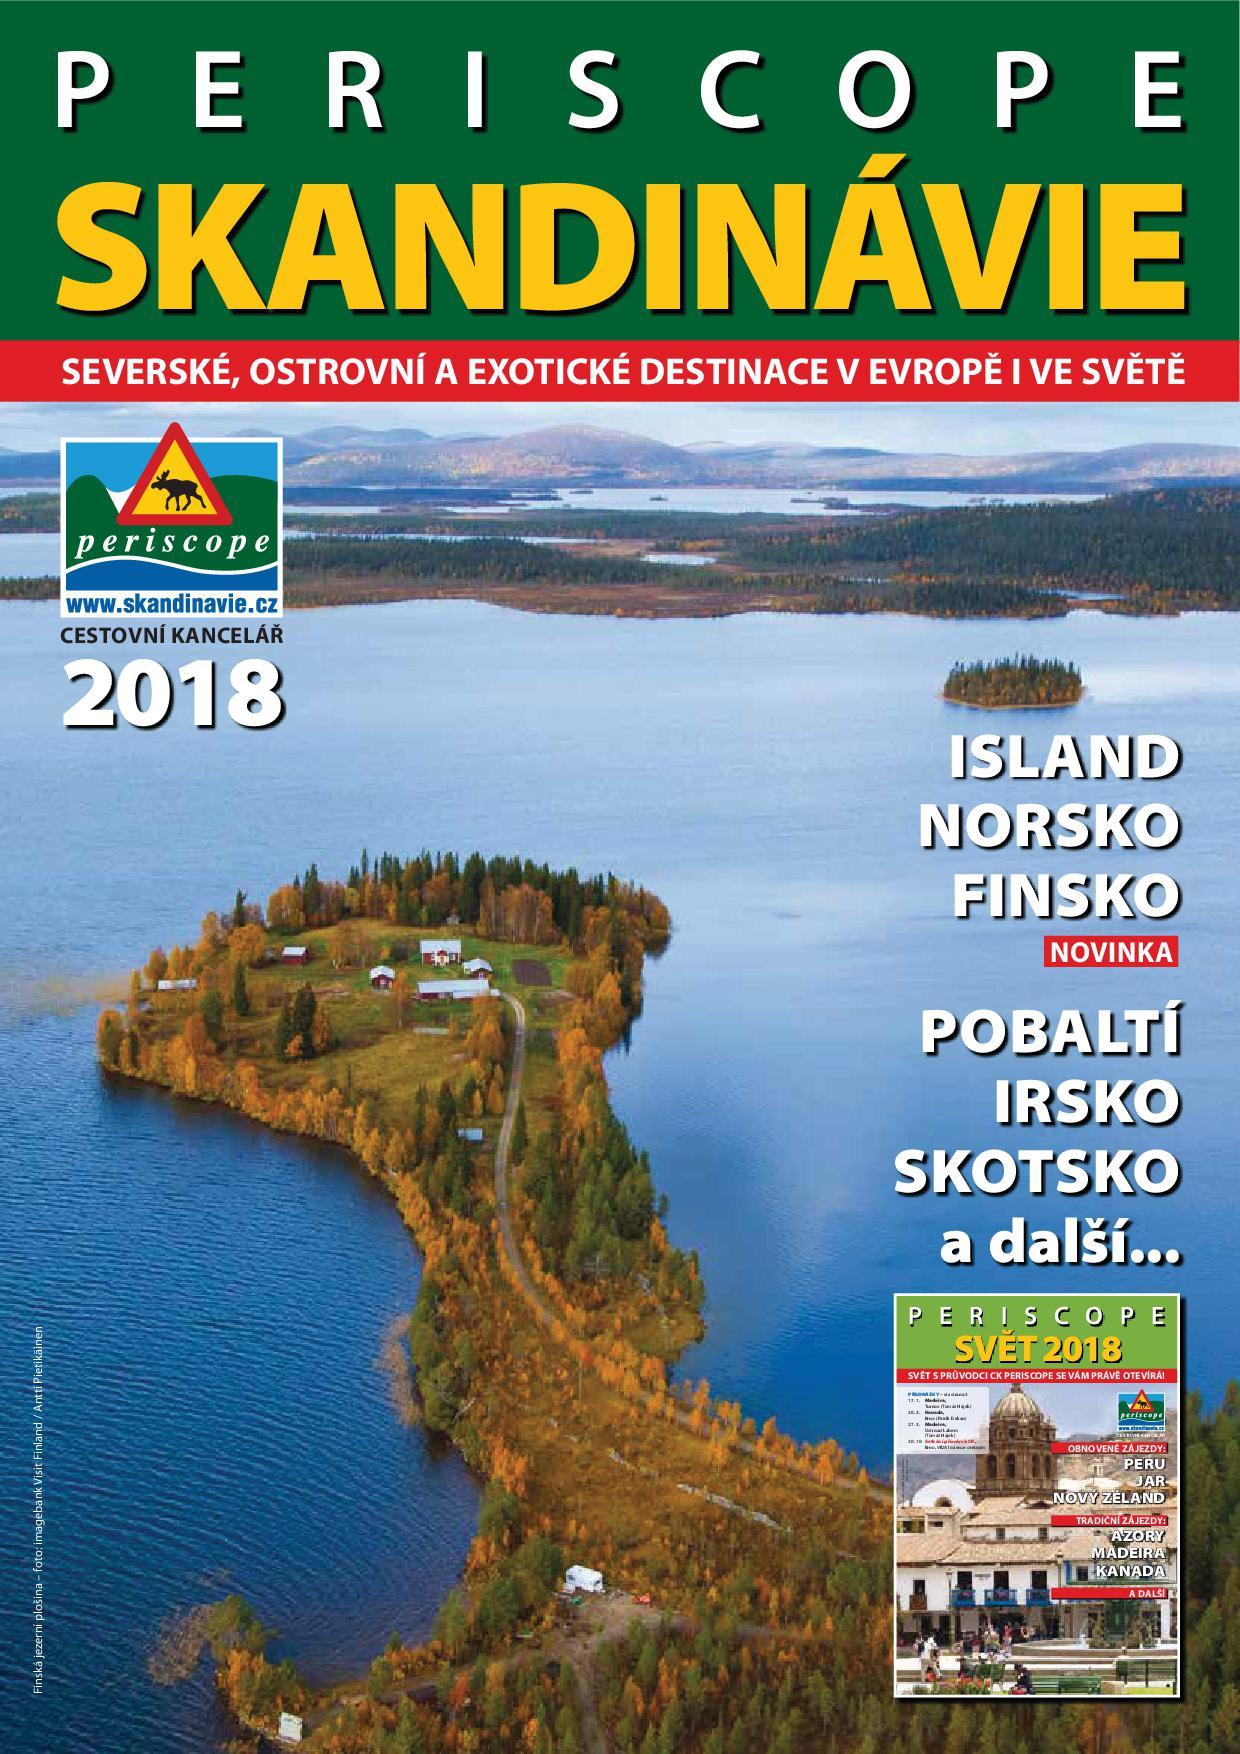 titulka katalog 2018